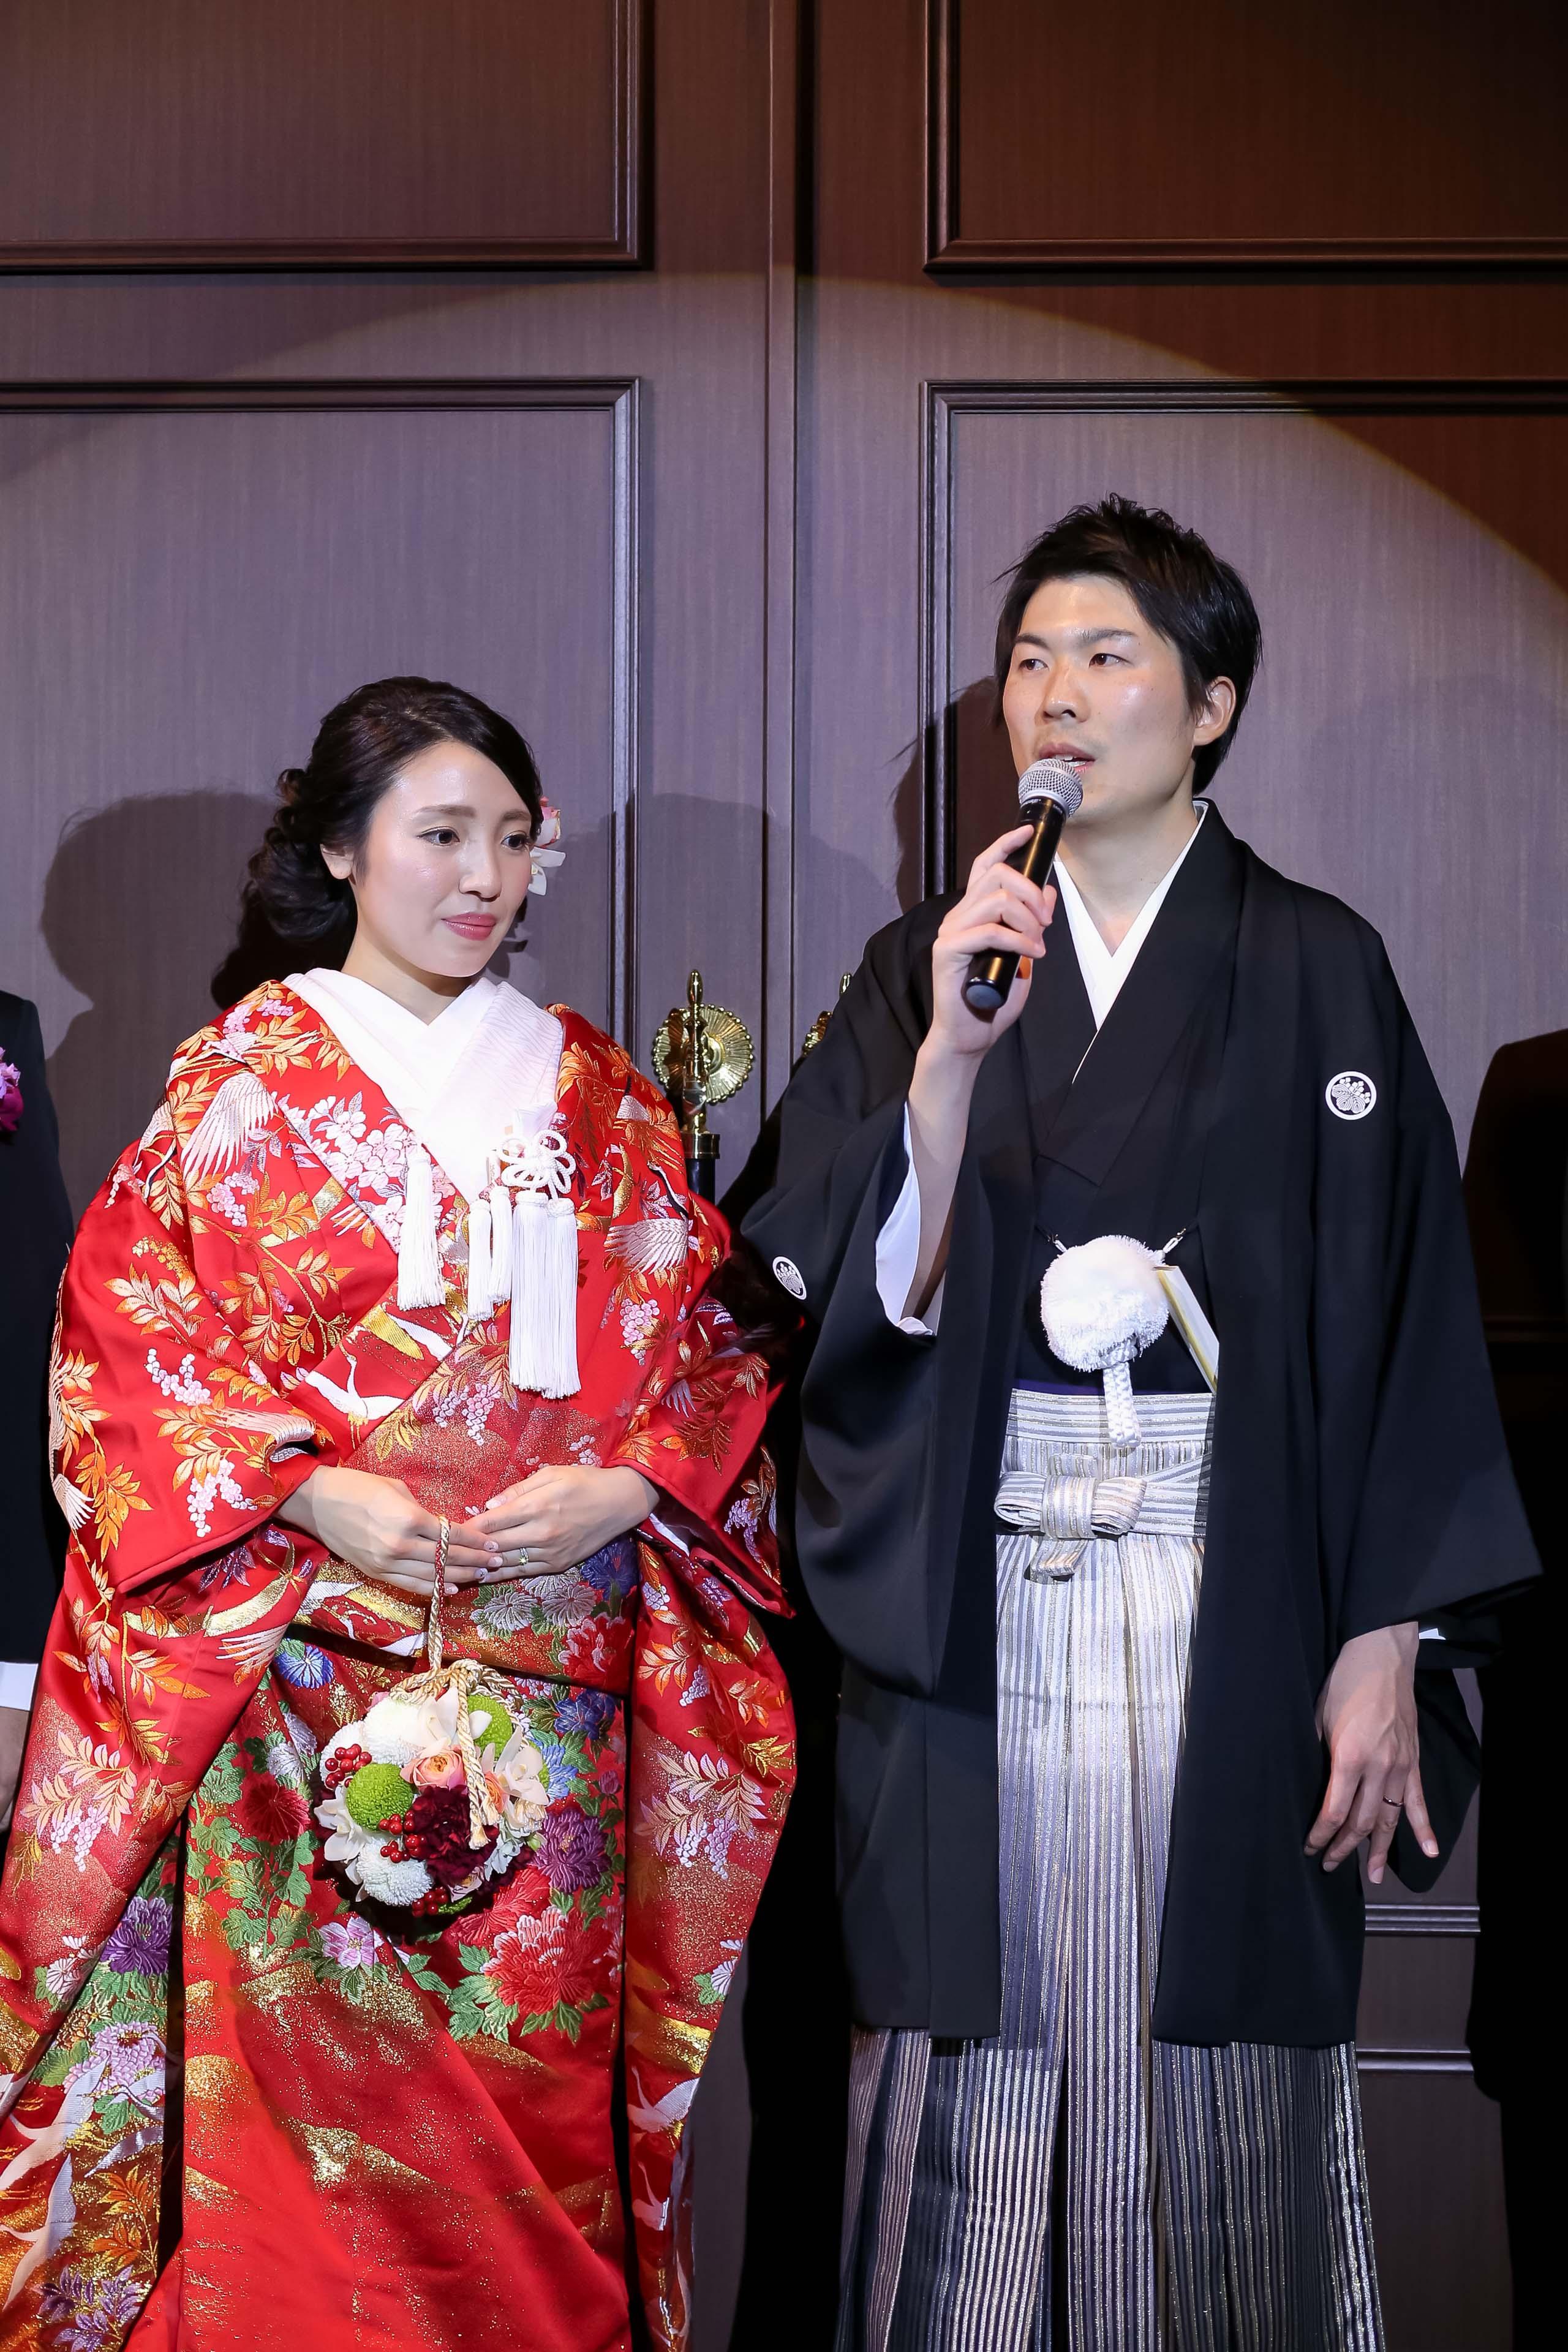 新郎 謝辞 新郎の謝辞 スピーチ 結婚式